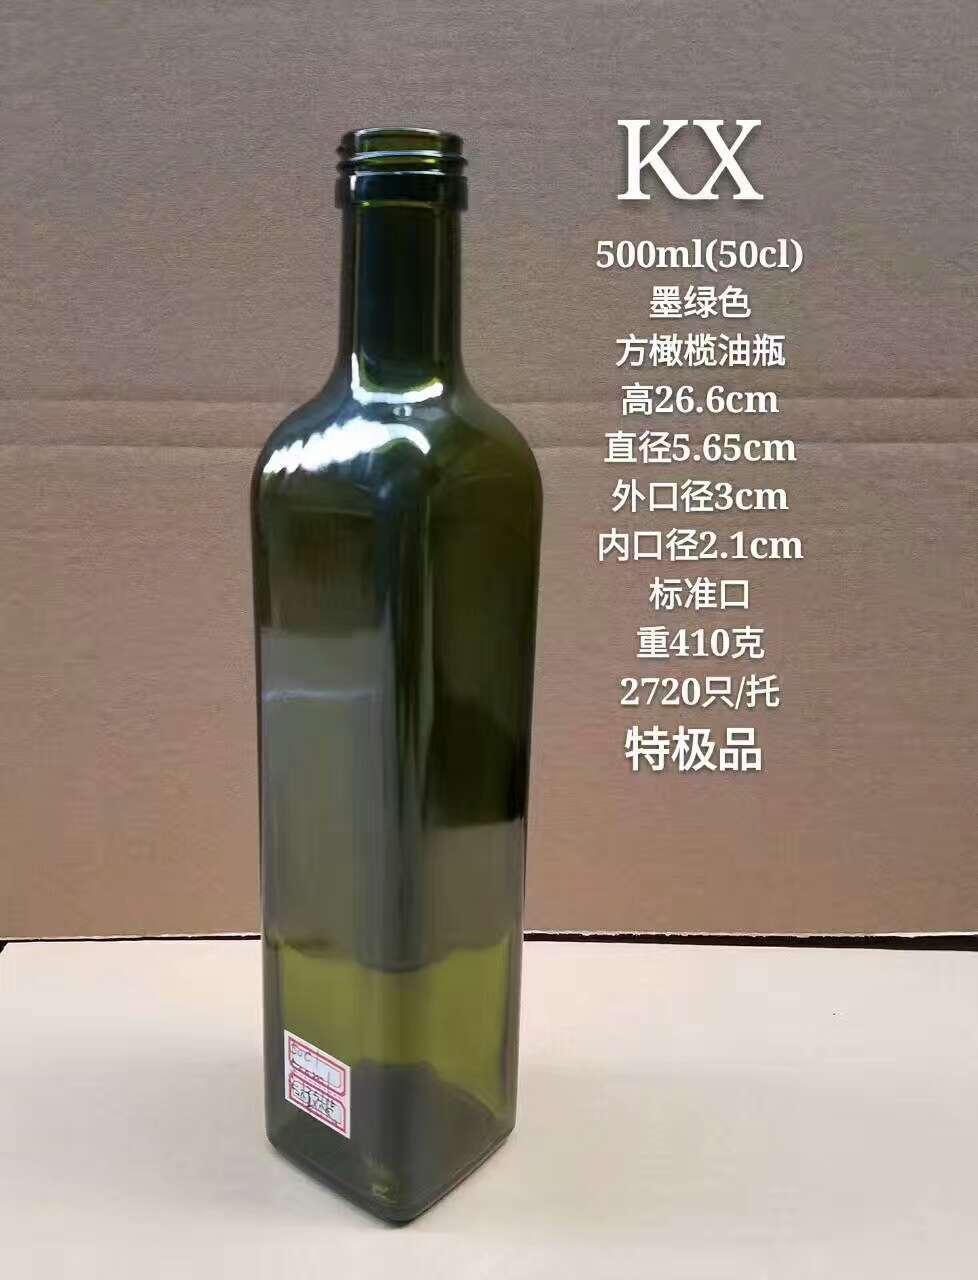 工艺玻璃瓶热销定制玻璃瓶玻璃瓶 玻璃瓶橄榄油瓶日常用玻璃瓶热销